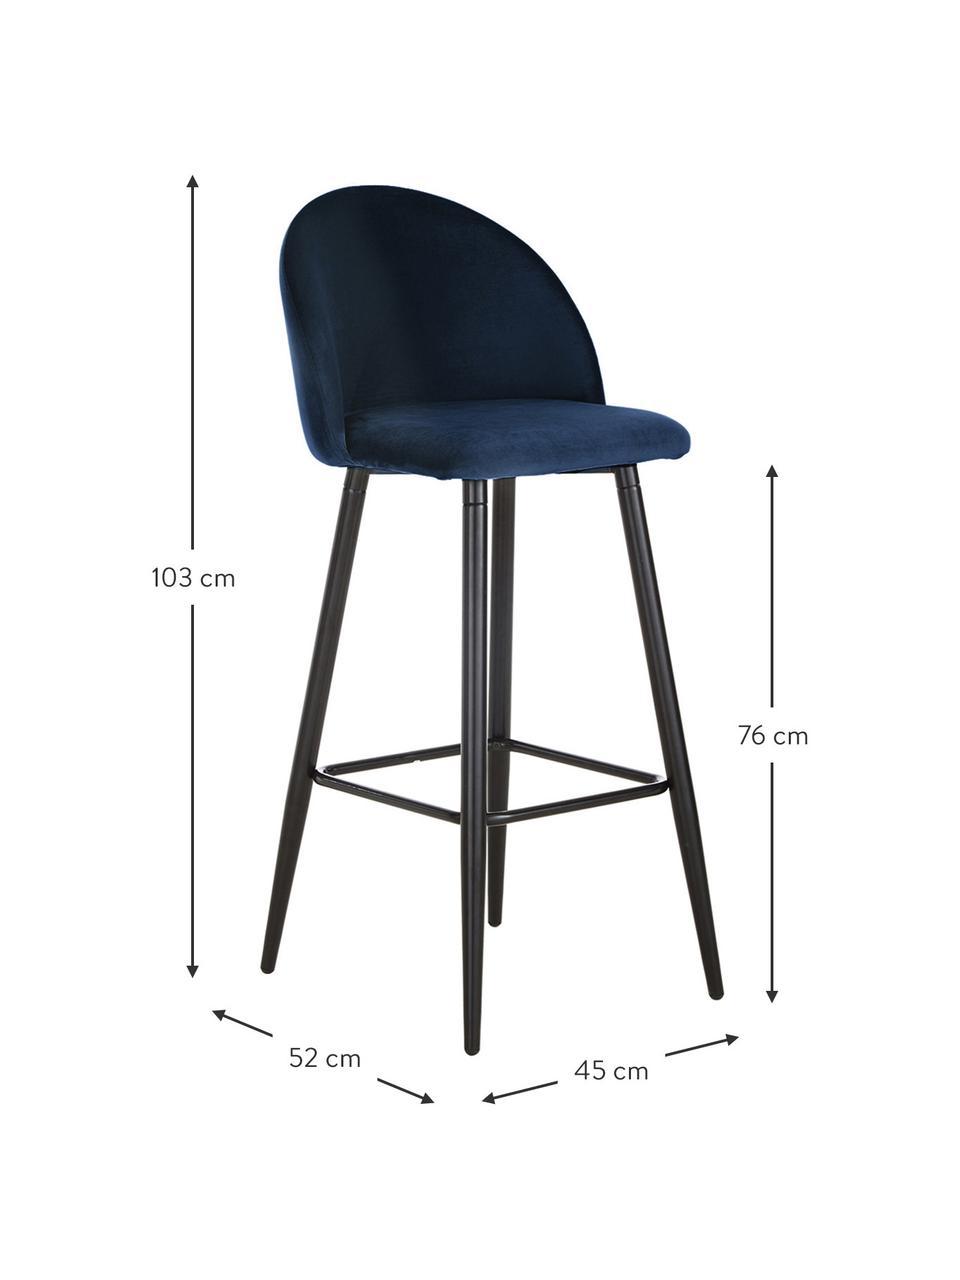 Sedia da bar in velluto blu scuro Amy, Rivestimento: velluto (poliestere) Il r, Gambe: metallo verniciato a polv, Velluto blu scuro, Larg. 45 x Alt. 103 cm